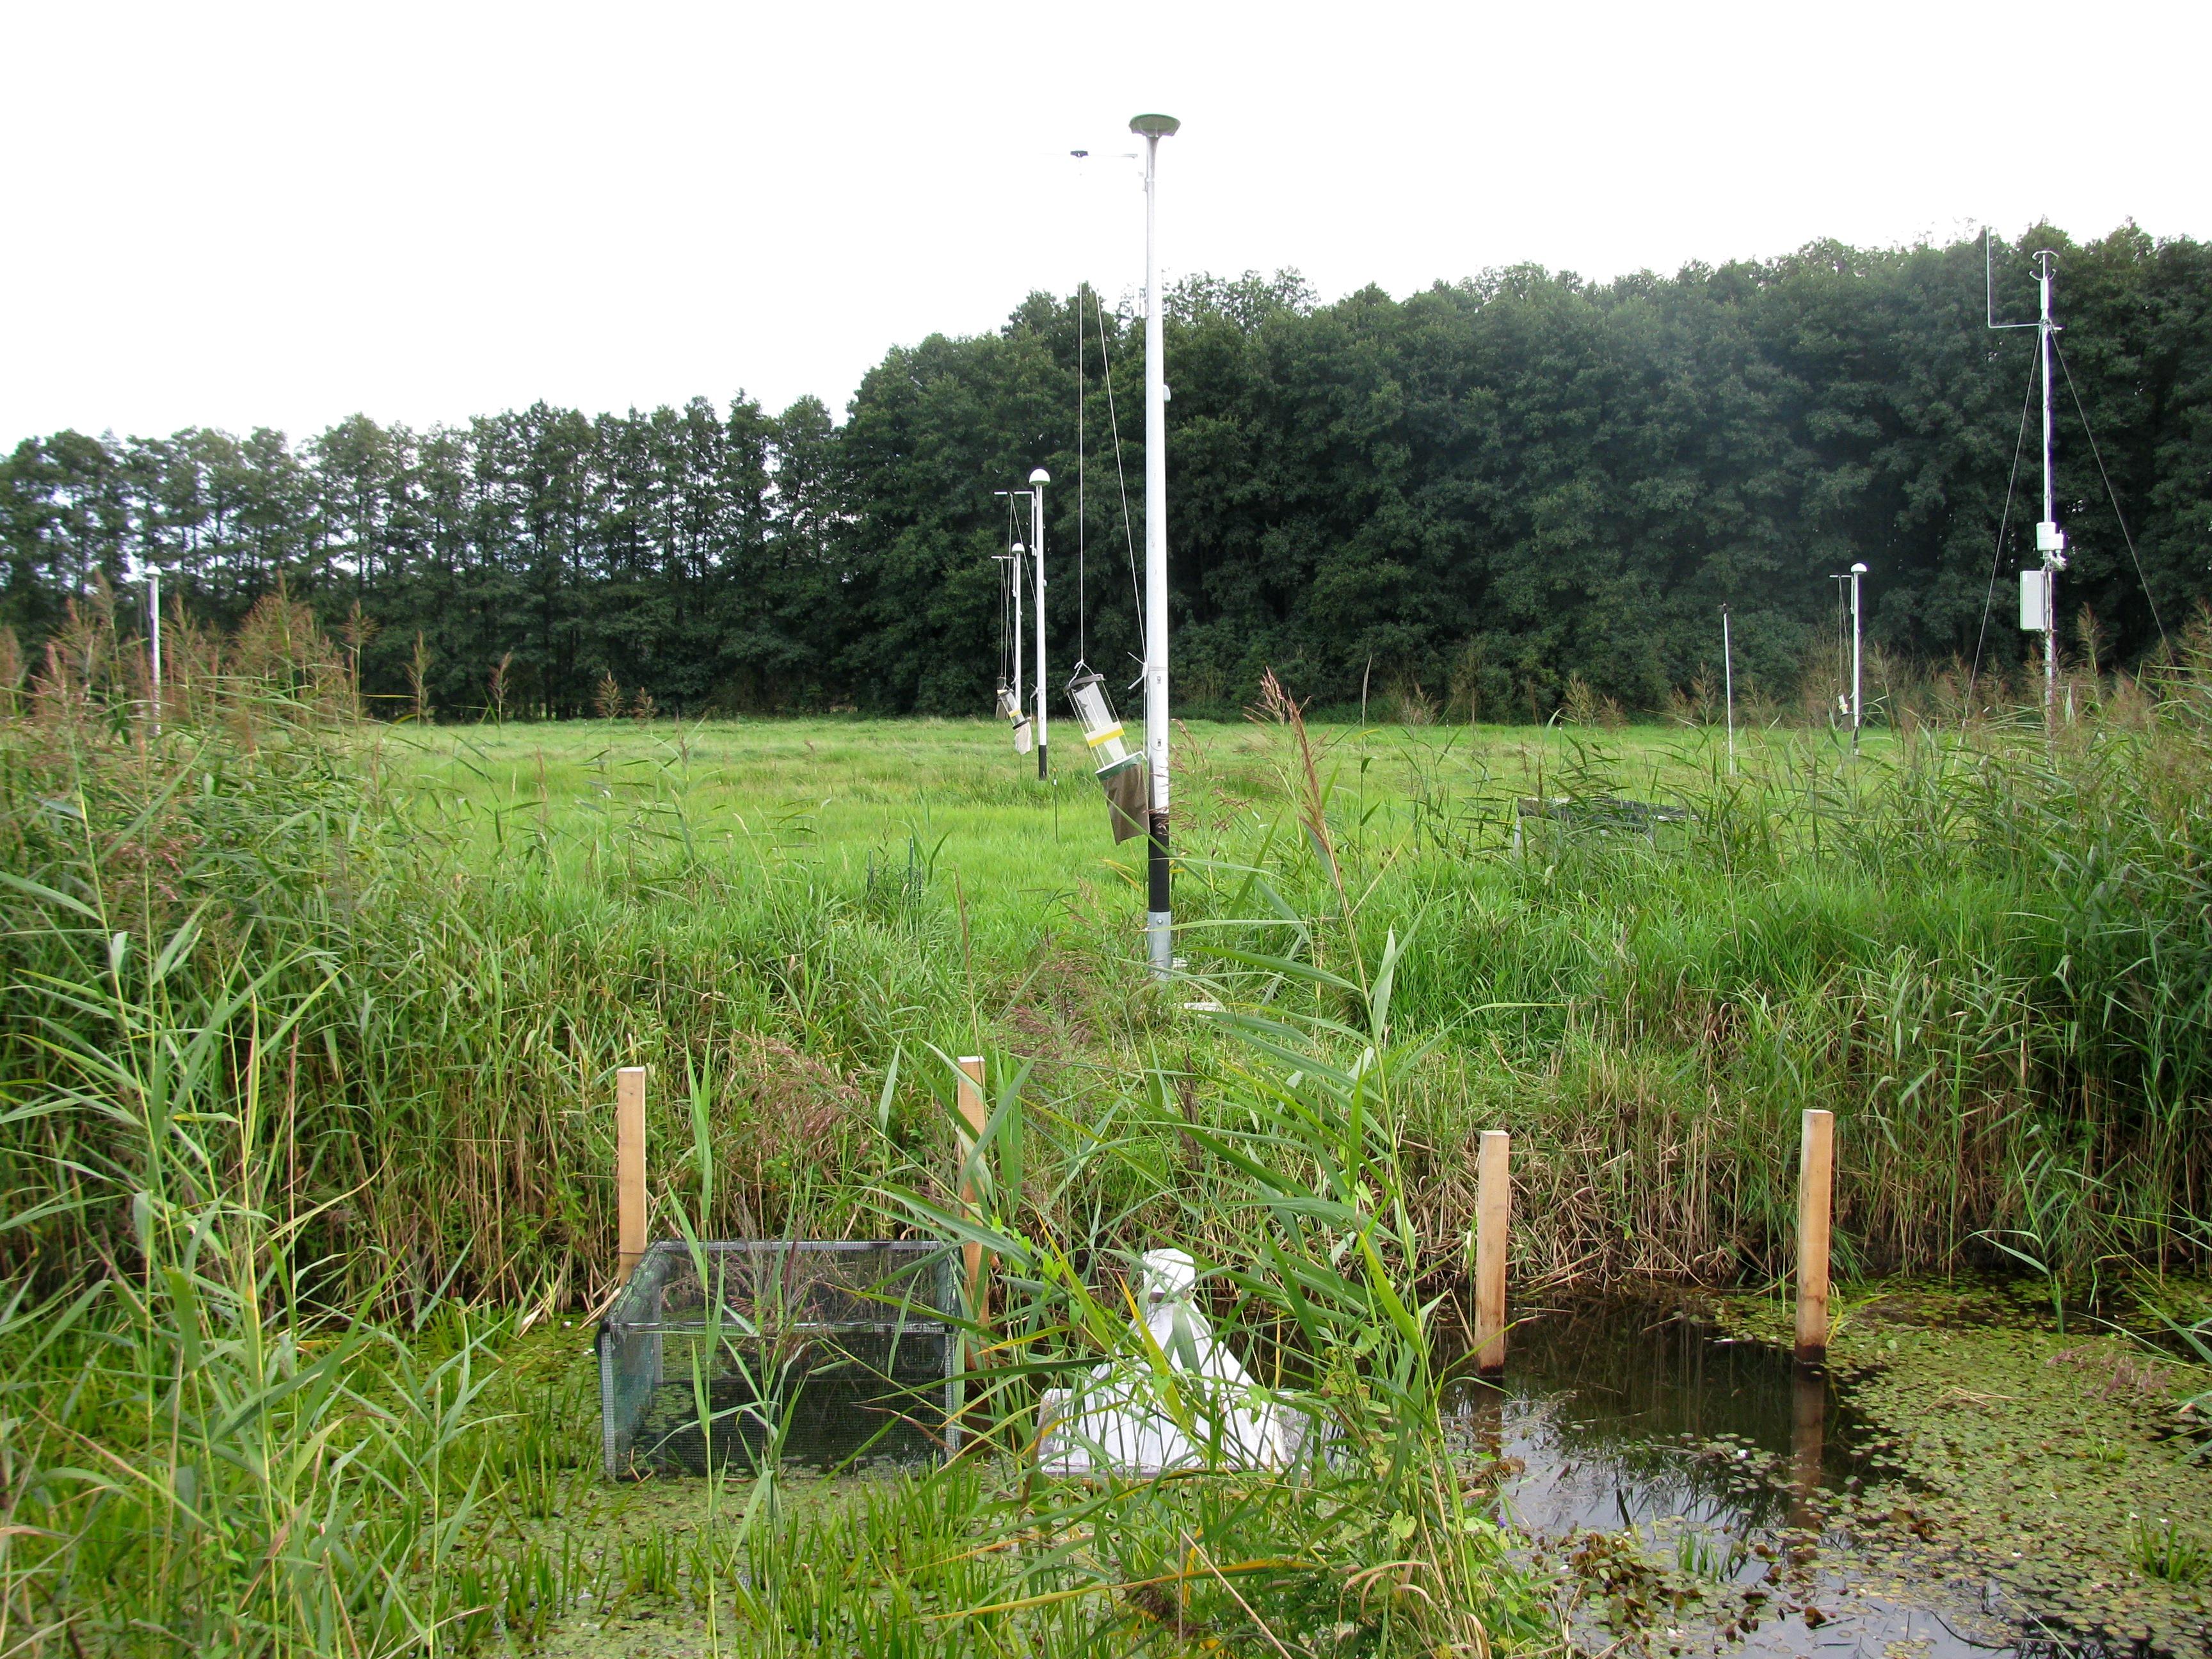 2.Das Versuchsfeld im Westhavelland in einer der dunkelsten Gegenden Deutschlands: Dort installierten die Wissenschaftler  Straßenlaternen an einem Entwässerungsgraben, um die Auswirkungen künstlichen Lichts auf Fische, aber auch auf Insekten, Vögel und Fledermäuse zu erforschen. Foto: IGB